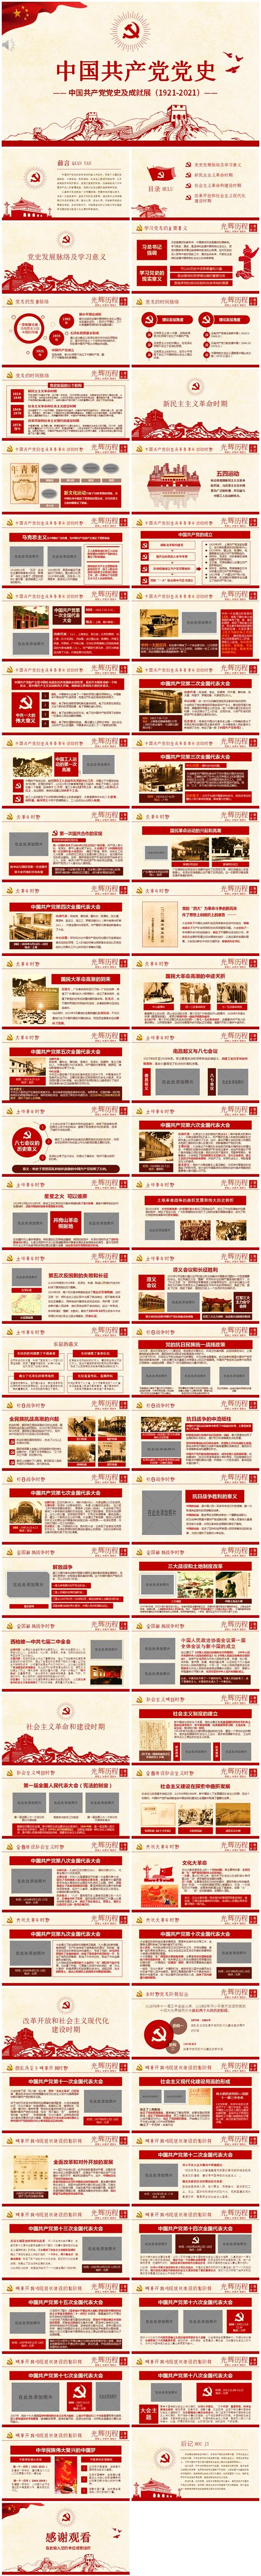 中国共产党党史PPT模板